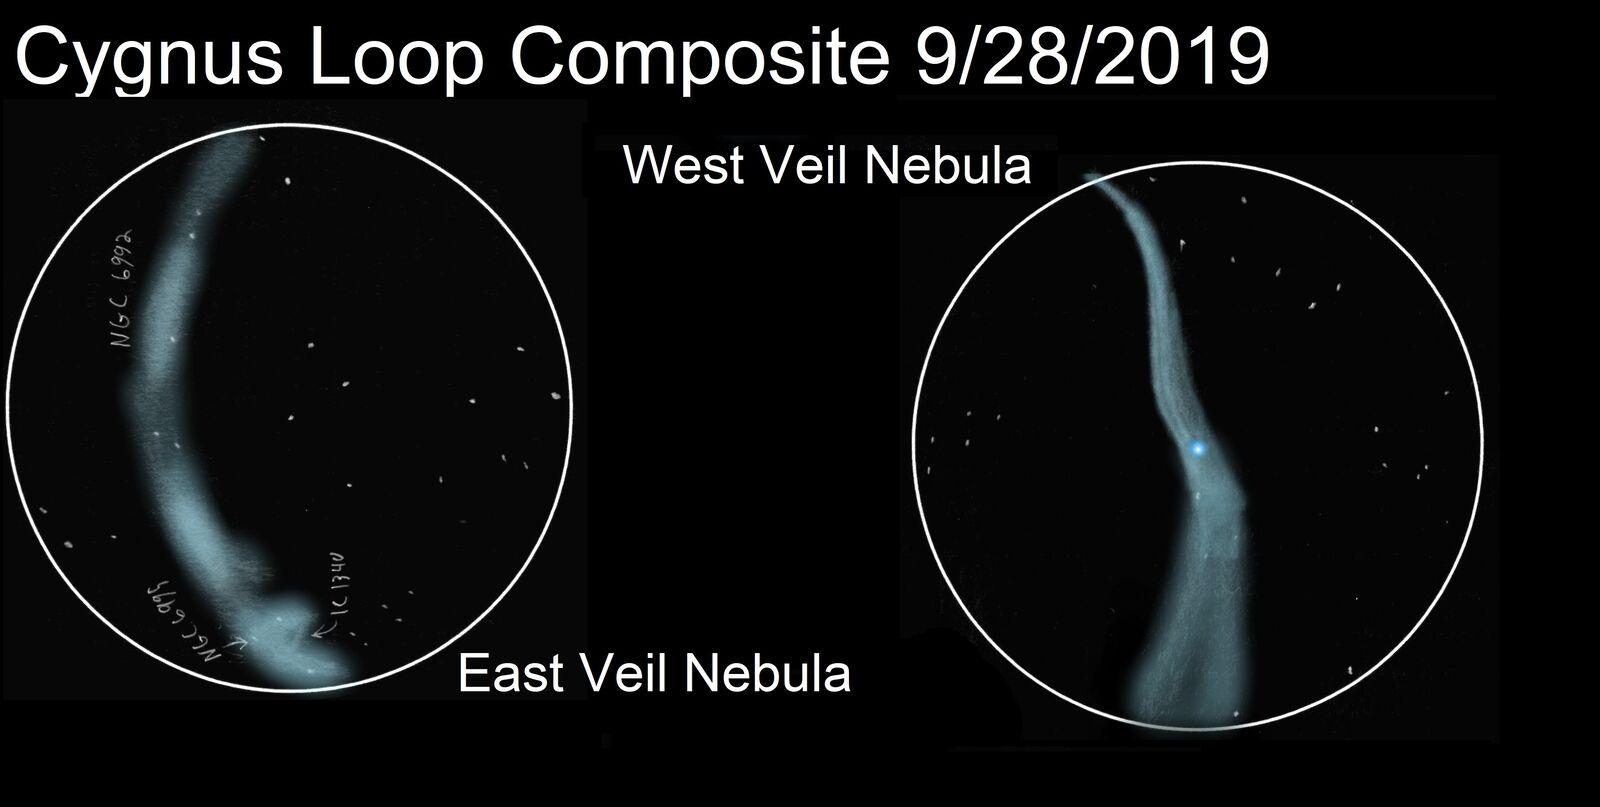 cygnus loop composite